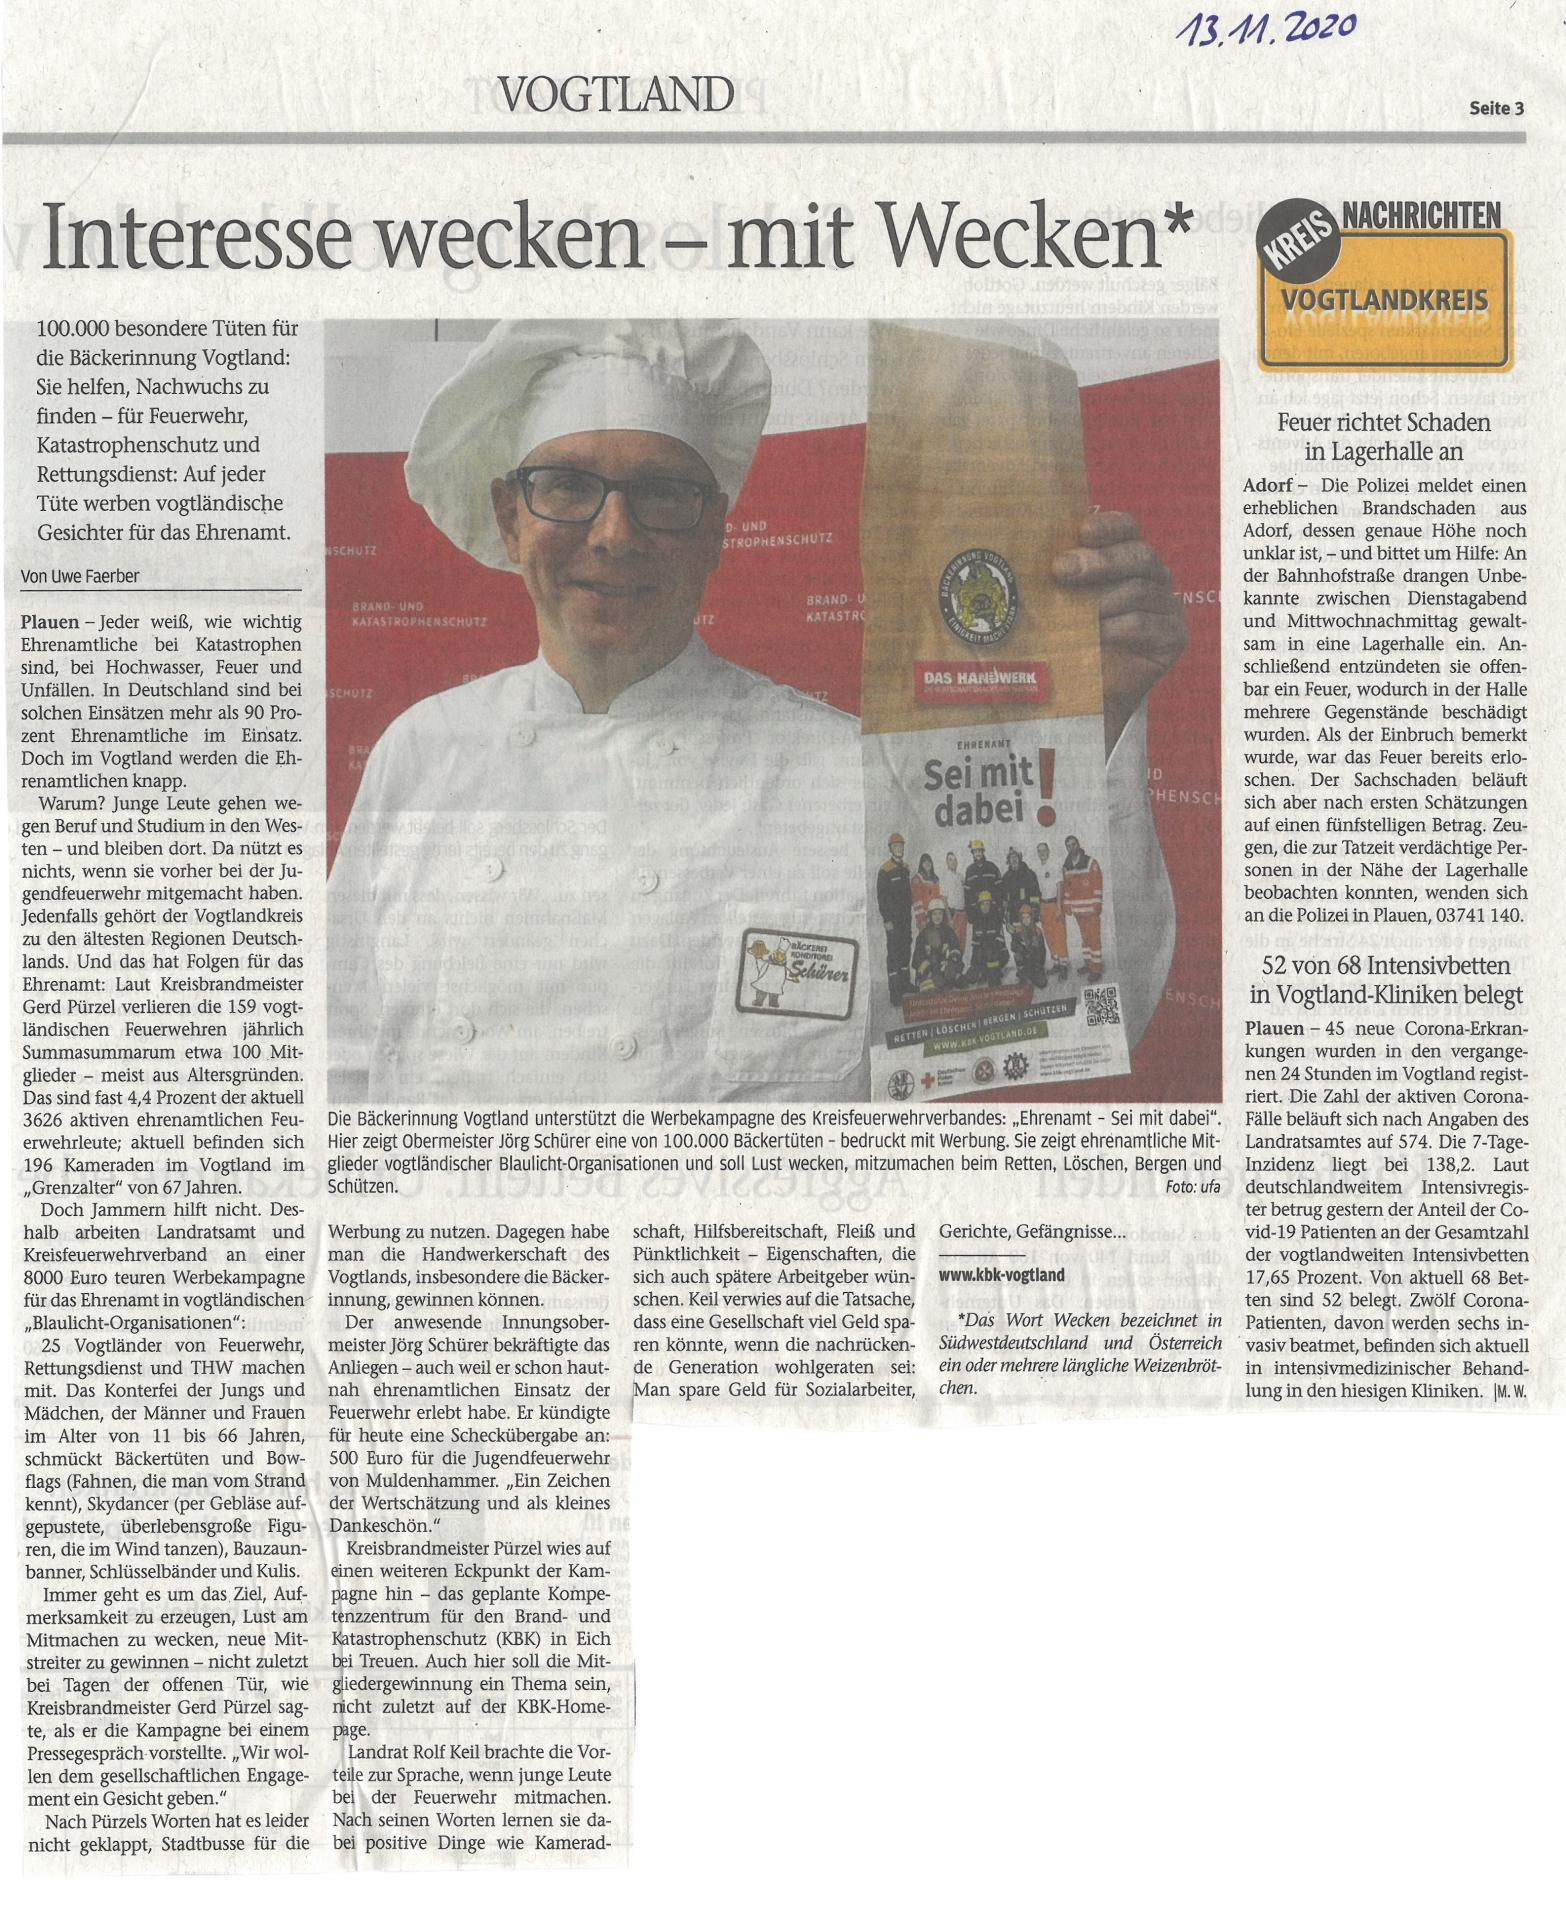 Bild des Beitrages aus dem Vogtlandanzeiger vom 13.11.2020